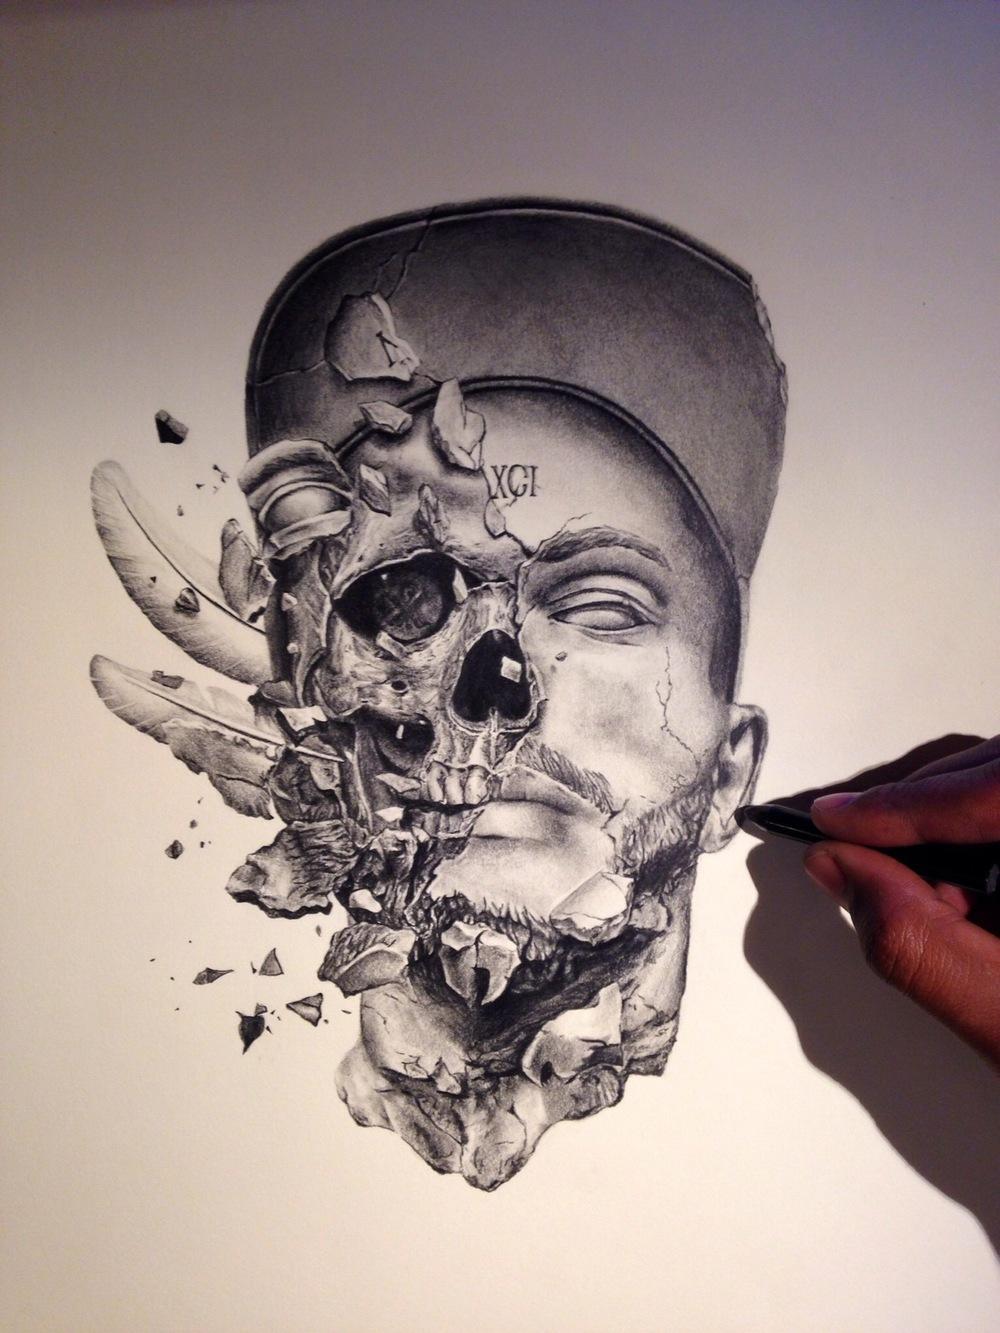 Cameron Crosby - Pens